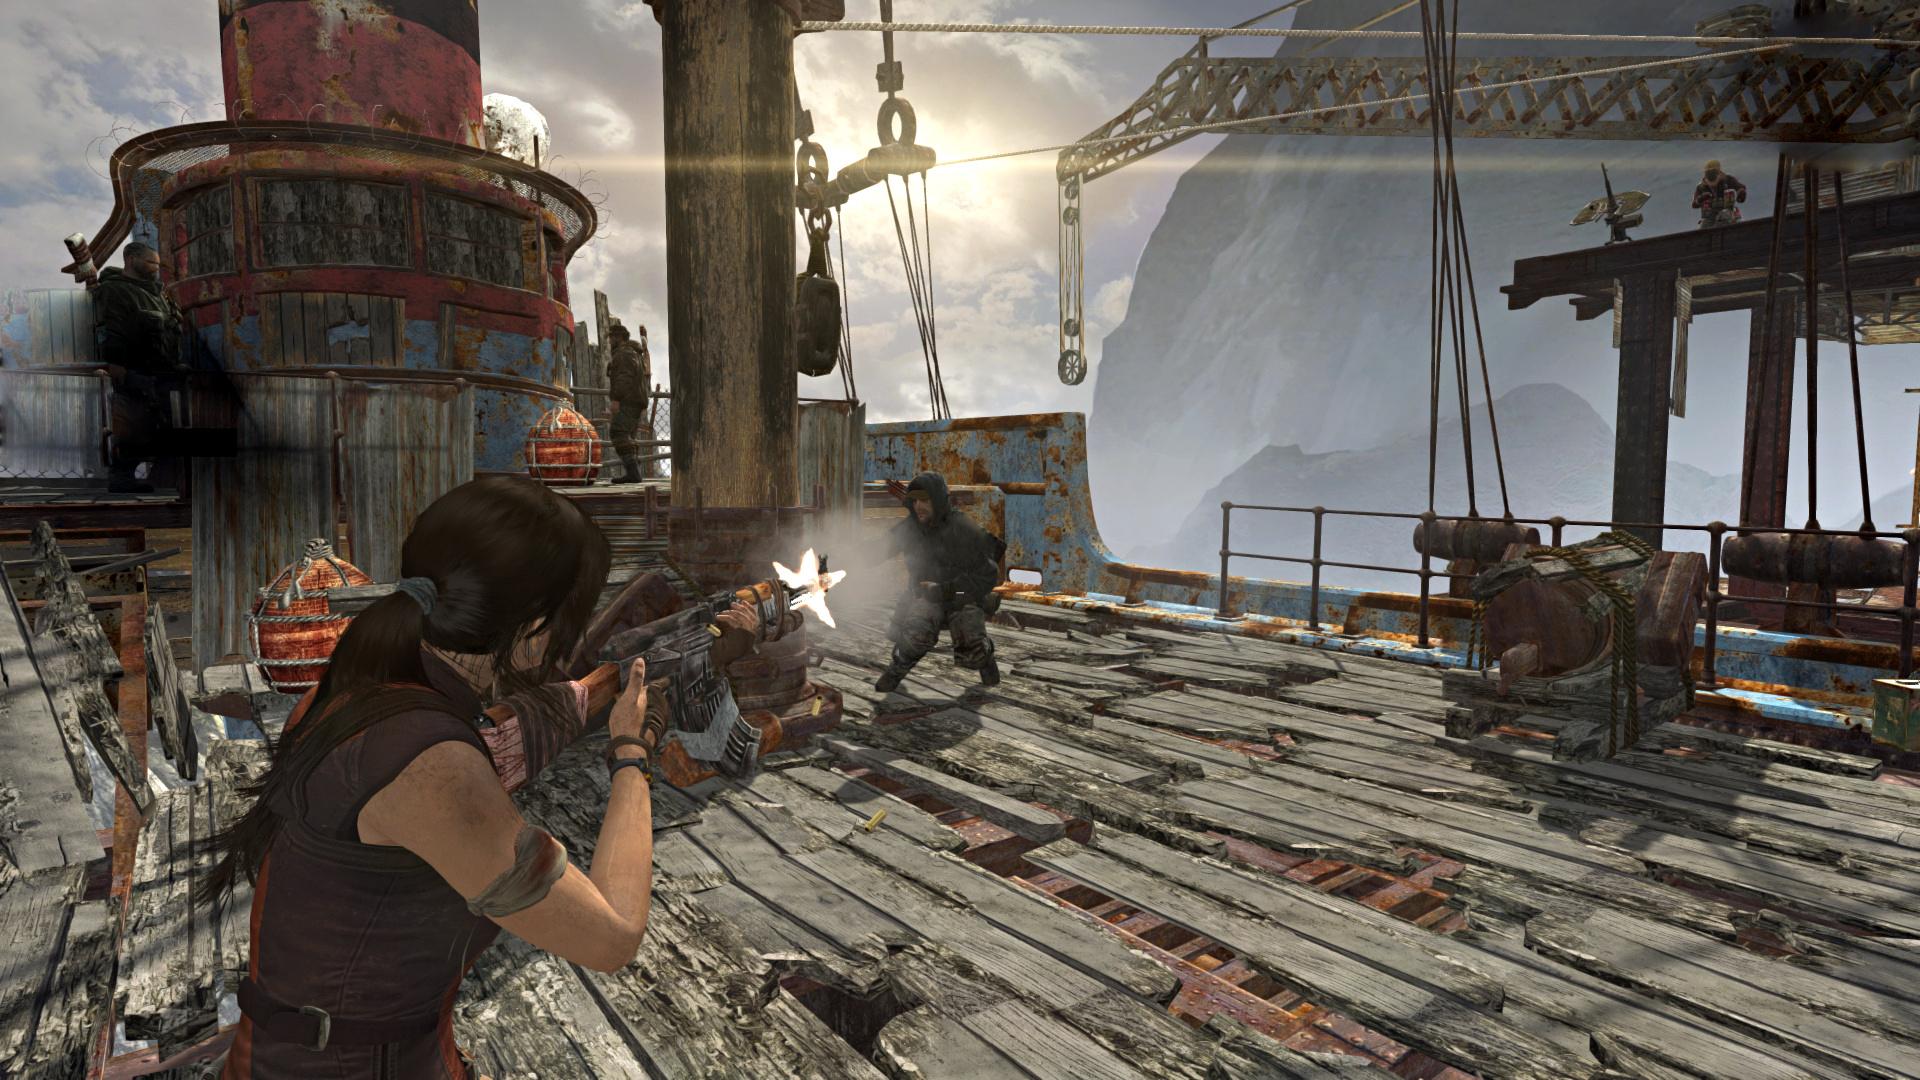 TombRaider 2020-05-26 19-45-45-15.jpg - Tomb Raider (2013)